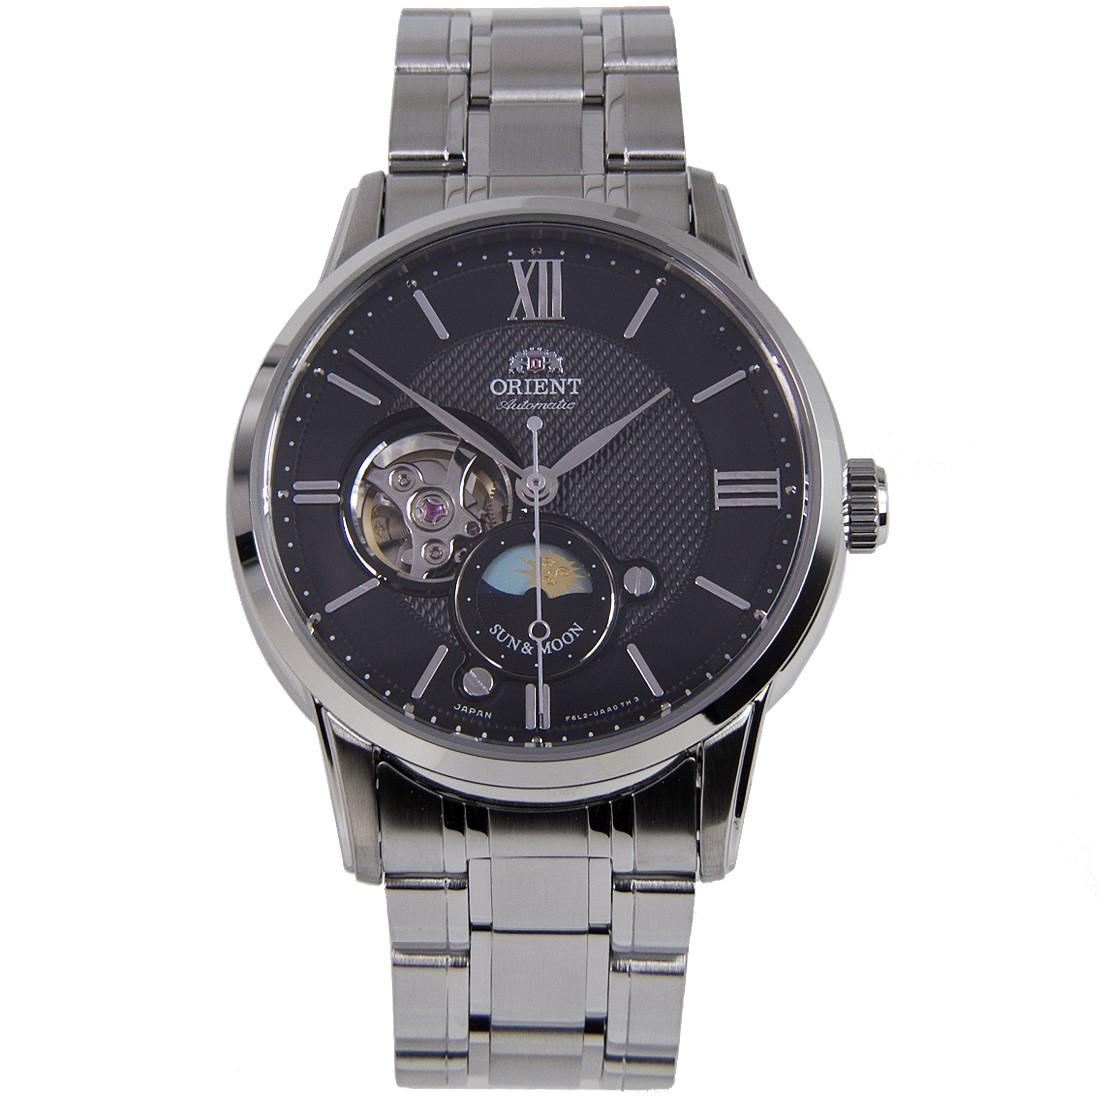 นาฬิกาผู้ชาย Orient รุ่น RA-AS0002B00B, Sun & Moon Automatic Open Heart